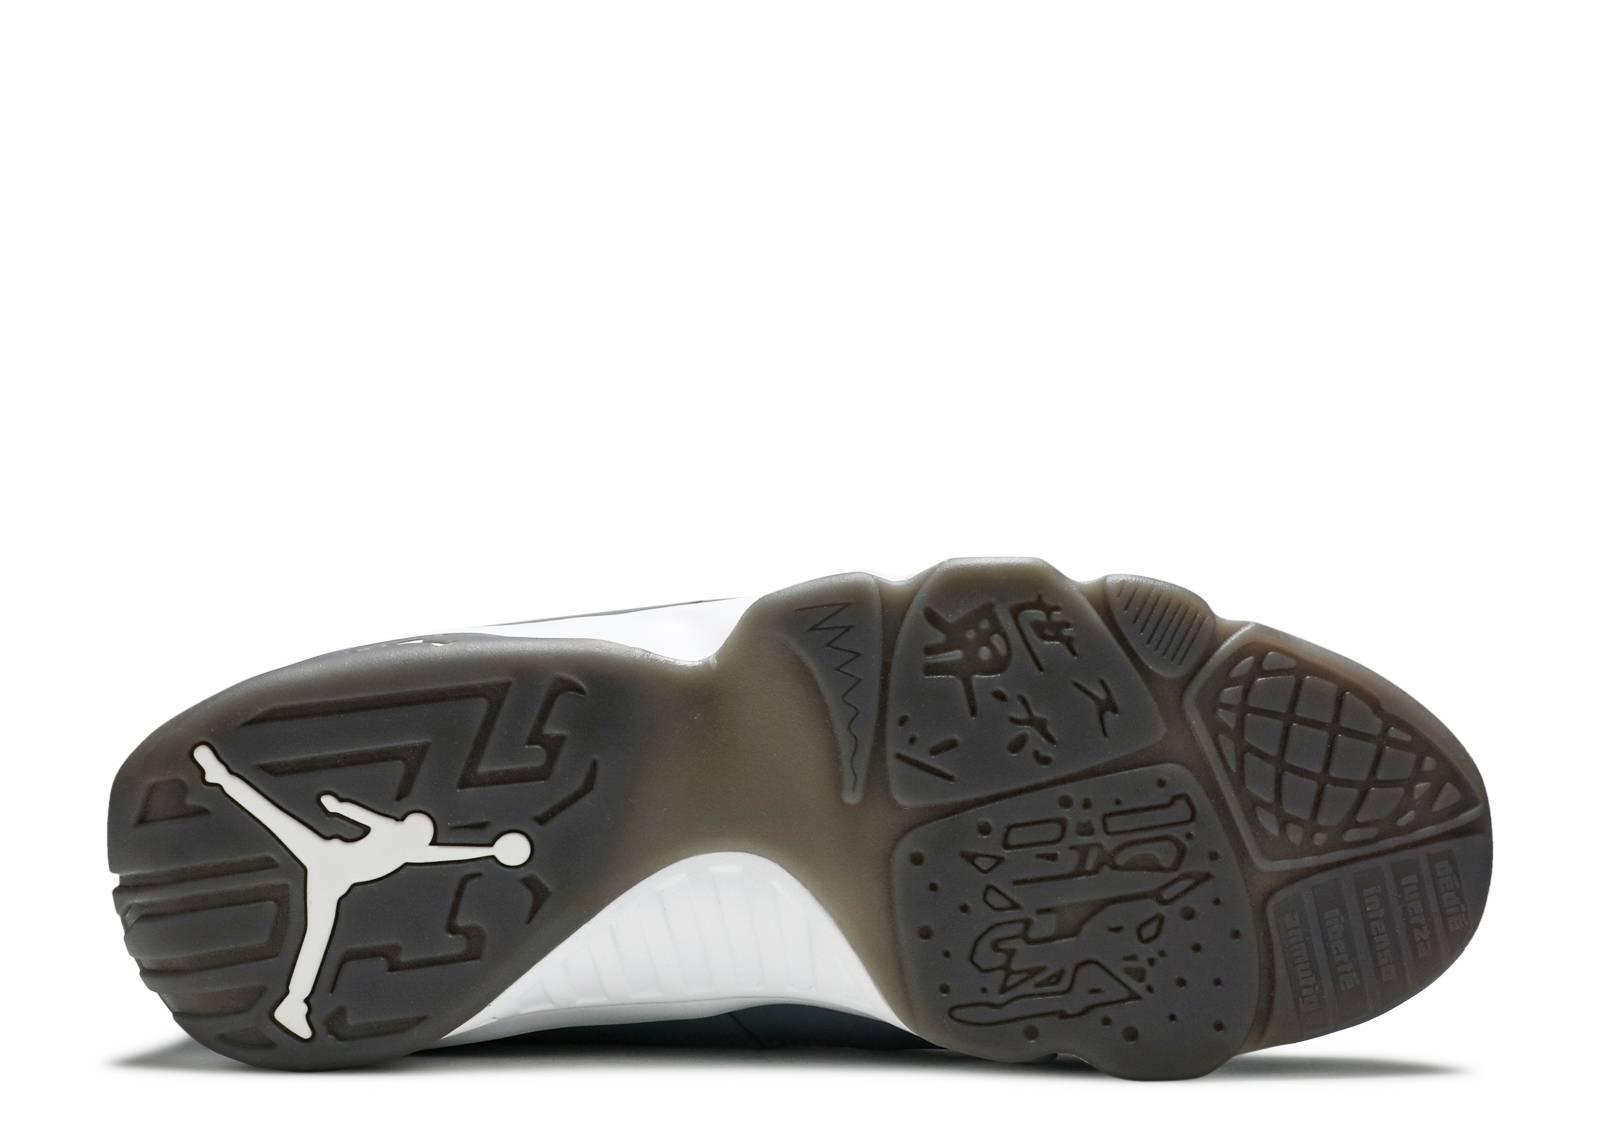 online store ea8e1 3aec8 ... nike air max pleine basse cour - air jordan 9 retro